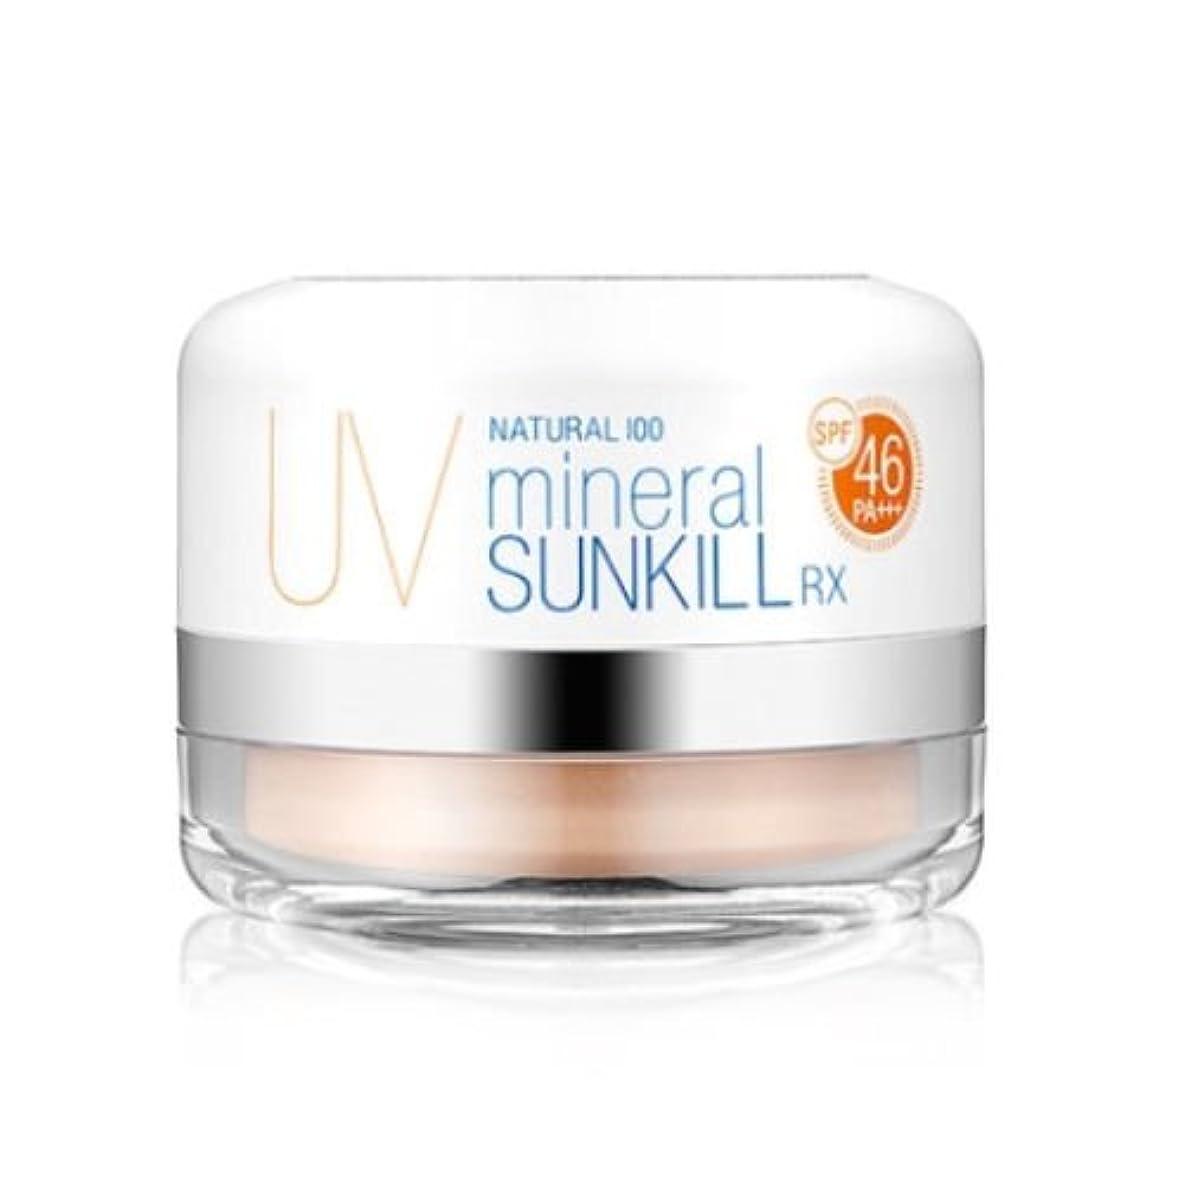 王女教え算術カトリン[Catrin]Natural 100% Mineral Powder Sunkill RX Natural 100 Mineral Sunkill RX UV Powder ナチュラル100ミネラルソンキルRX...